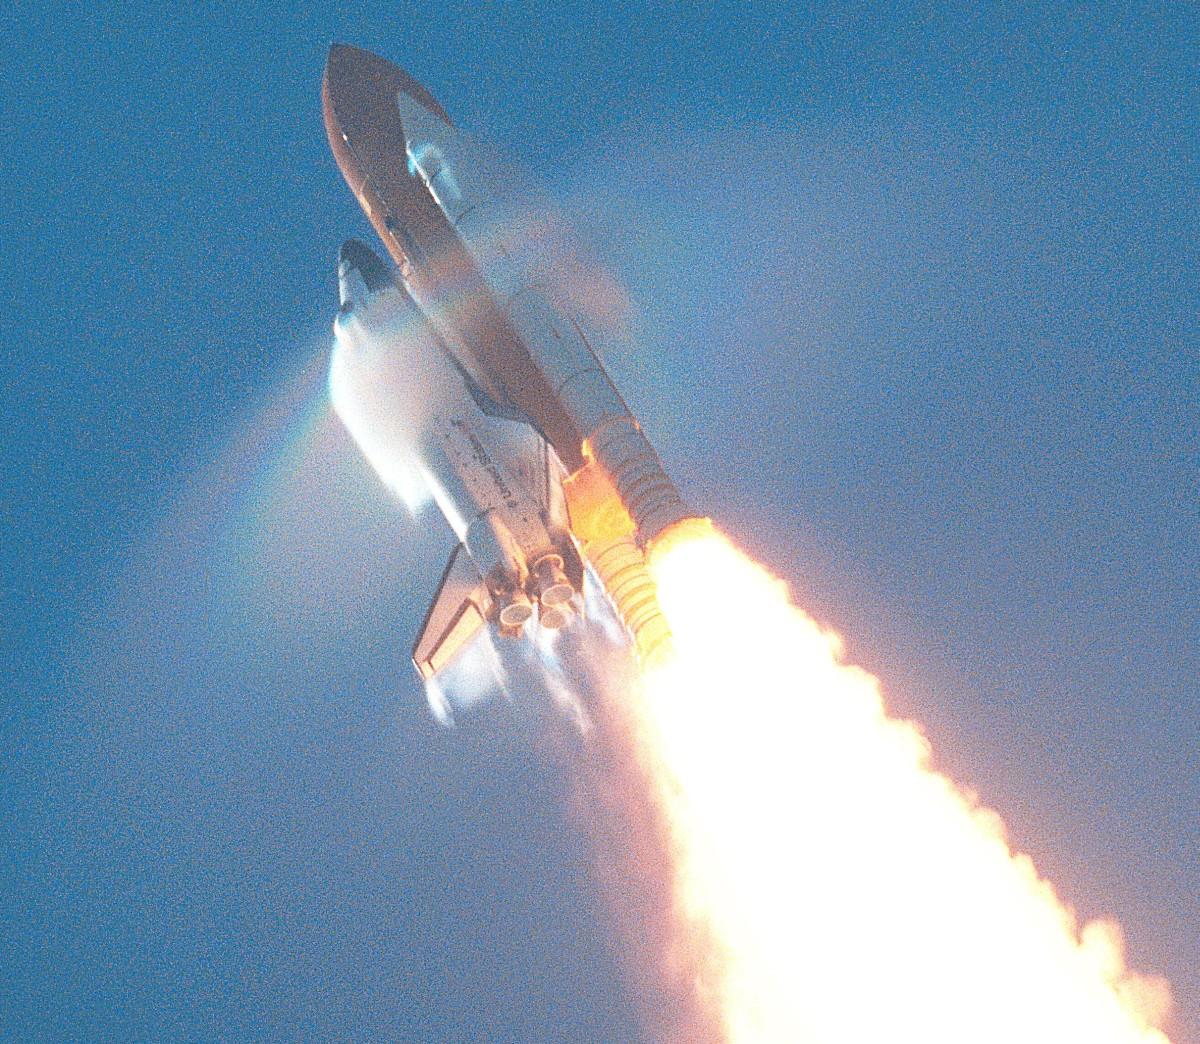 http://upload.wikimedia.org/wikipedia/commons/d/d5/Shuttle_atlantis_launching_breaking_sound_barrier.jpg